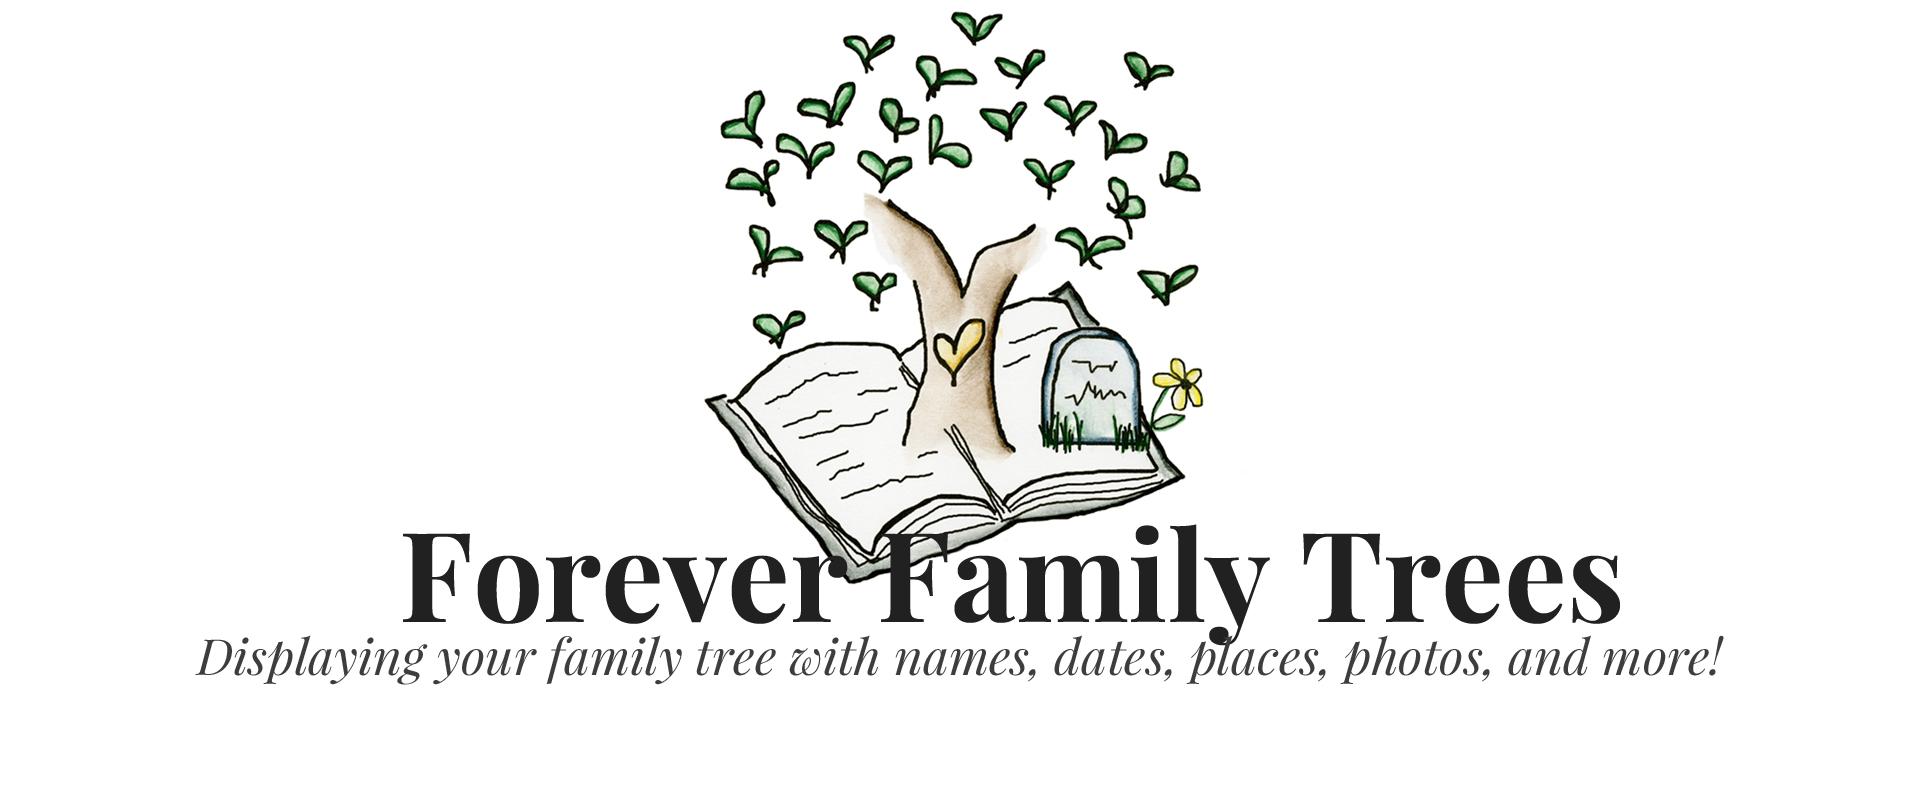 Forever Family Trees logo 4